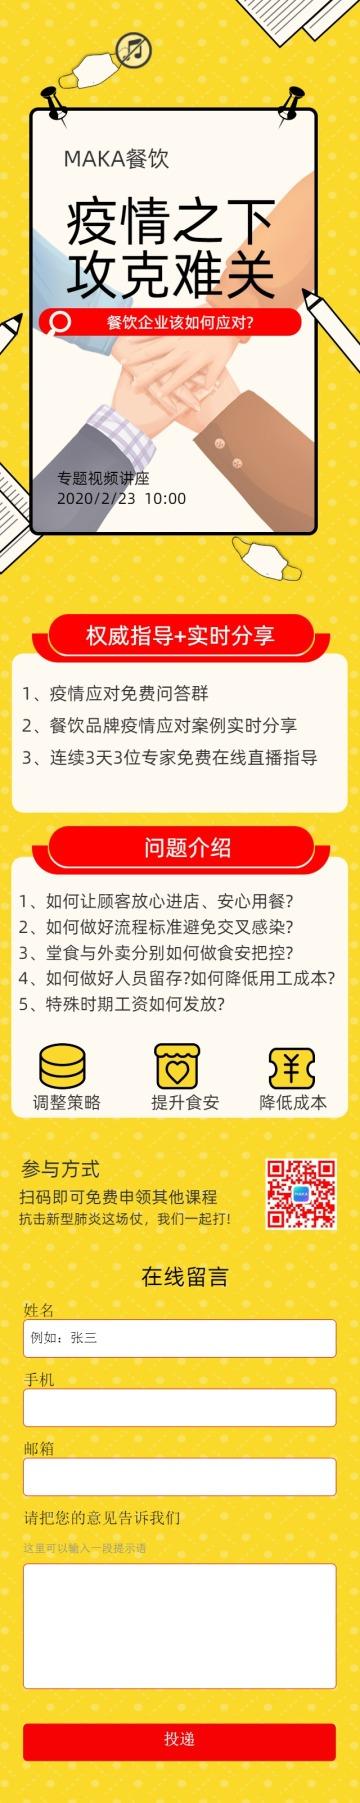 简约餐饮预防疫情措施宣传长页